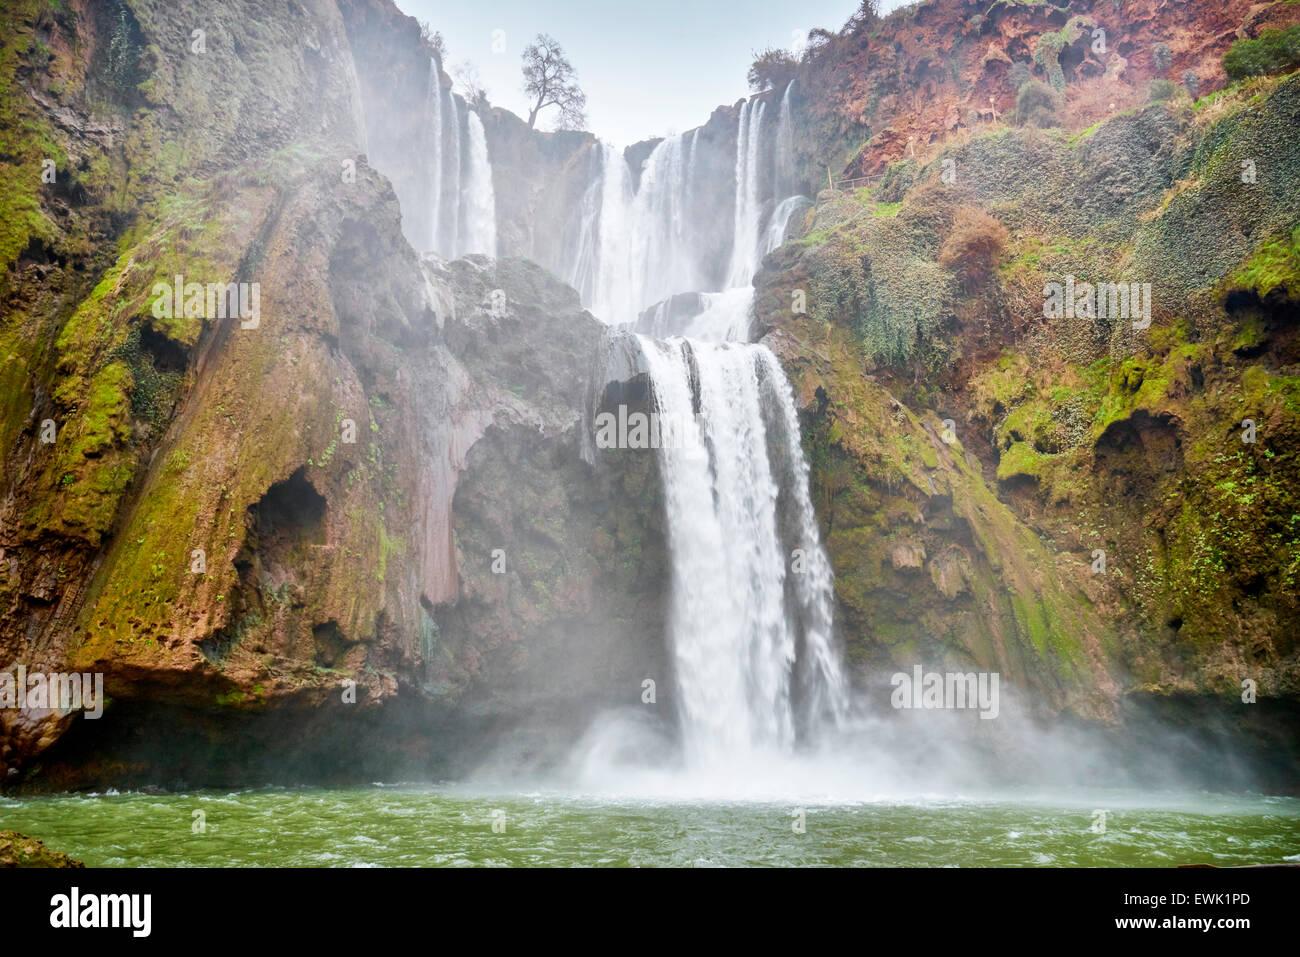 Las cascadas de Ouzoud,, Beni Mellal, Marruecos, África Imagen De Stock